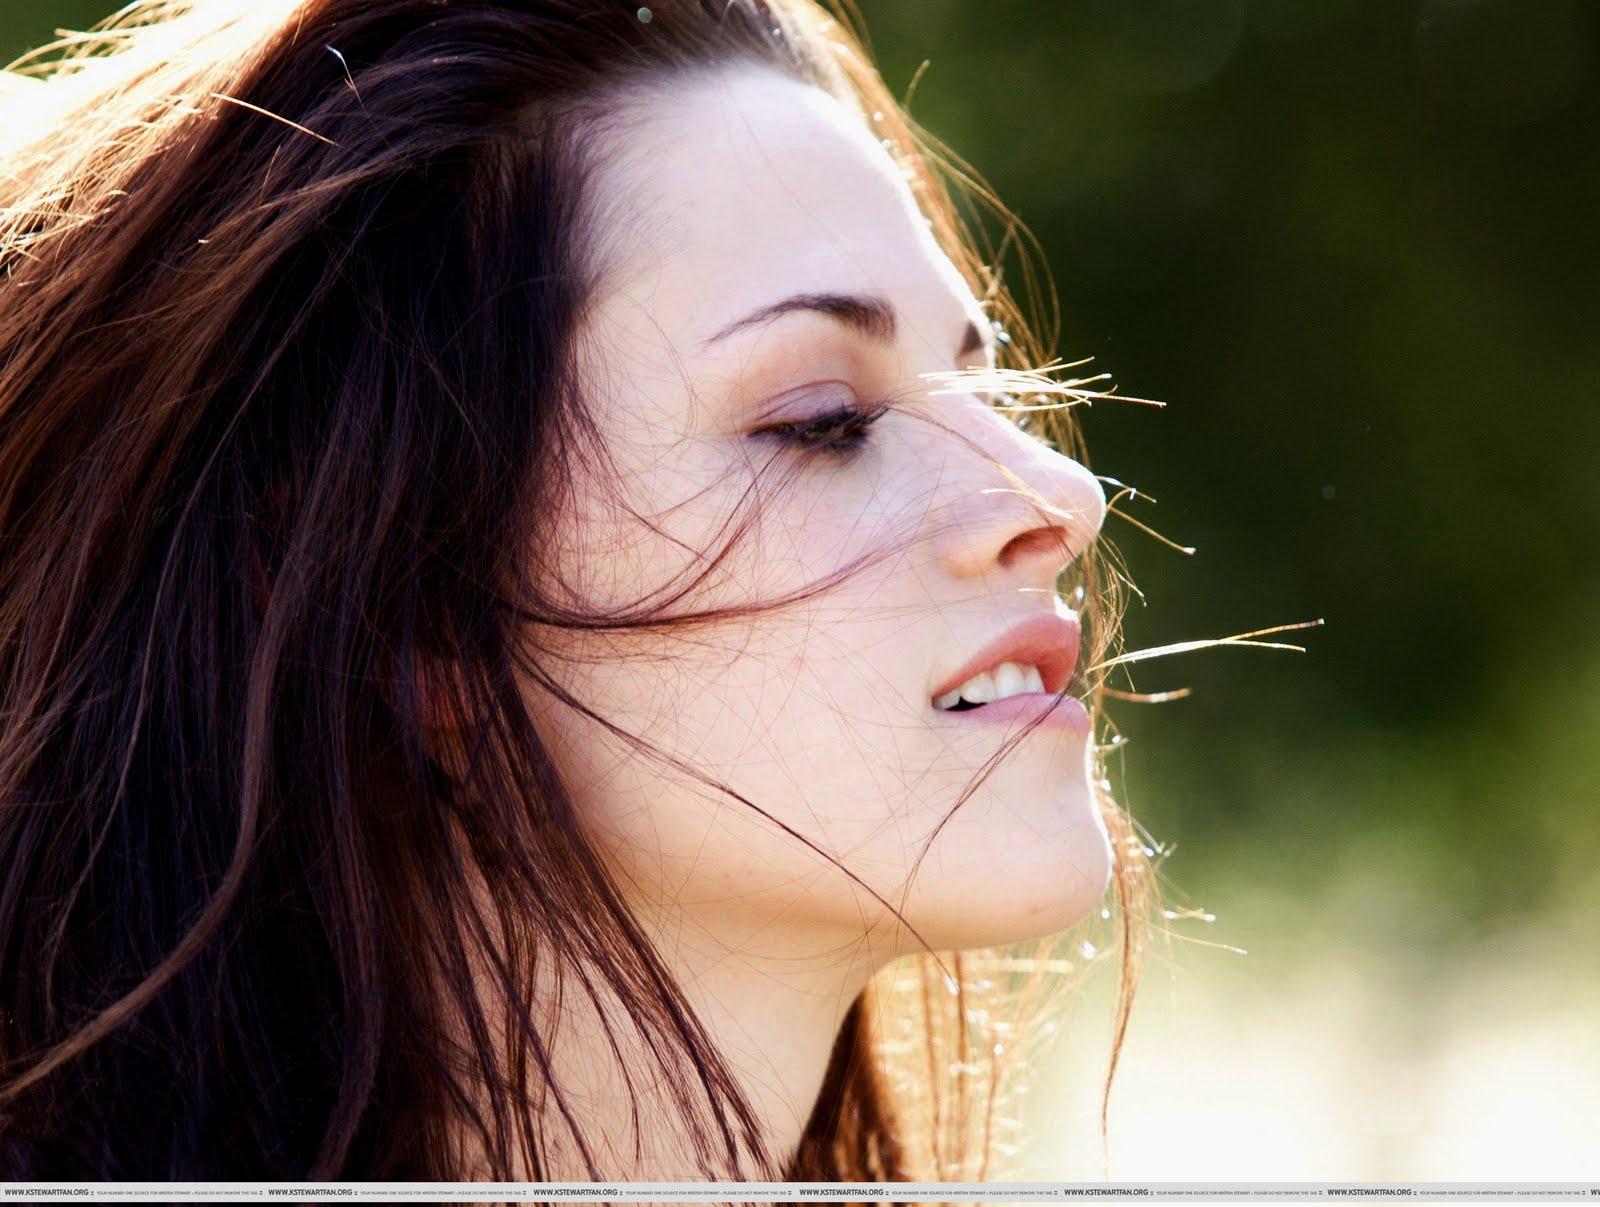 http://1.bp.blogspot.com/-qc45Boa8m6c/TnHOvDhRphI/AAAAAAAAABI/eVNxMzUJeqw/s1600/018.jpg